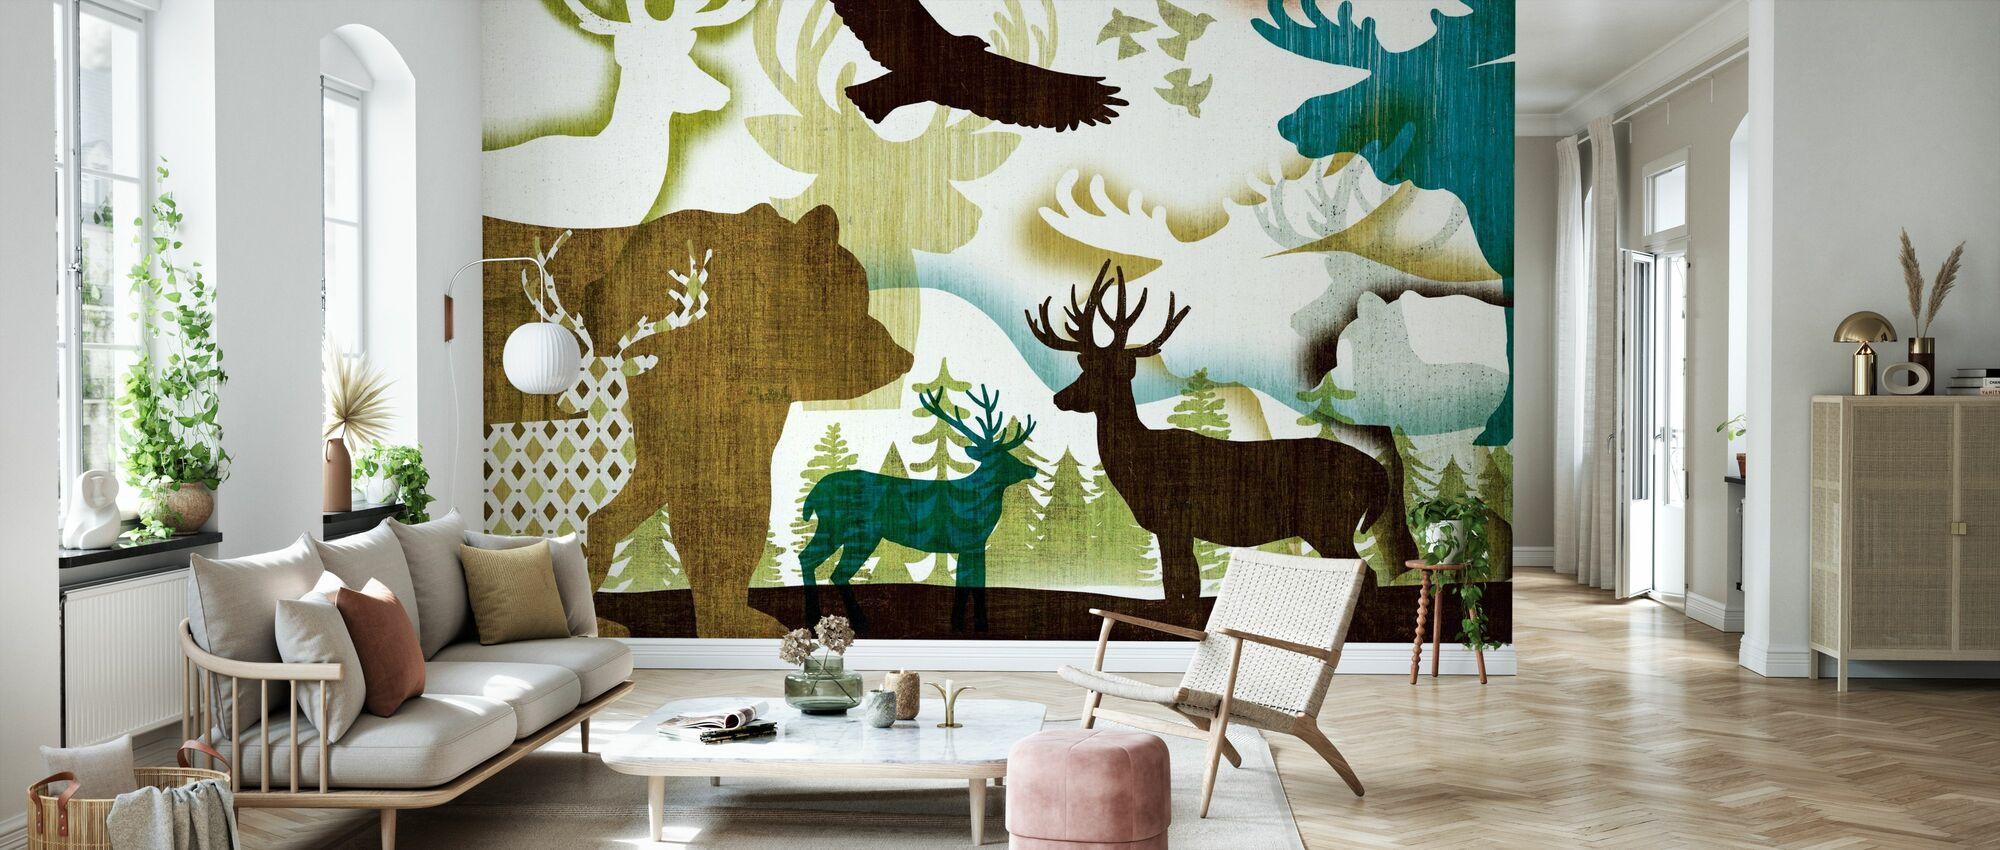 Dweller Collage I - Wallpaper - Living Room